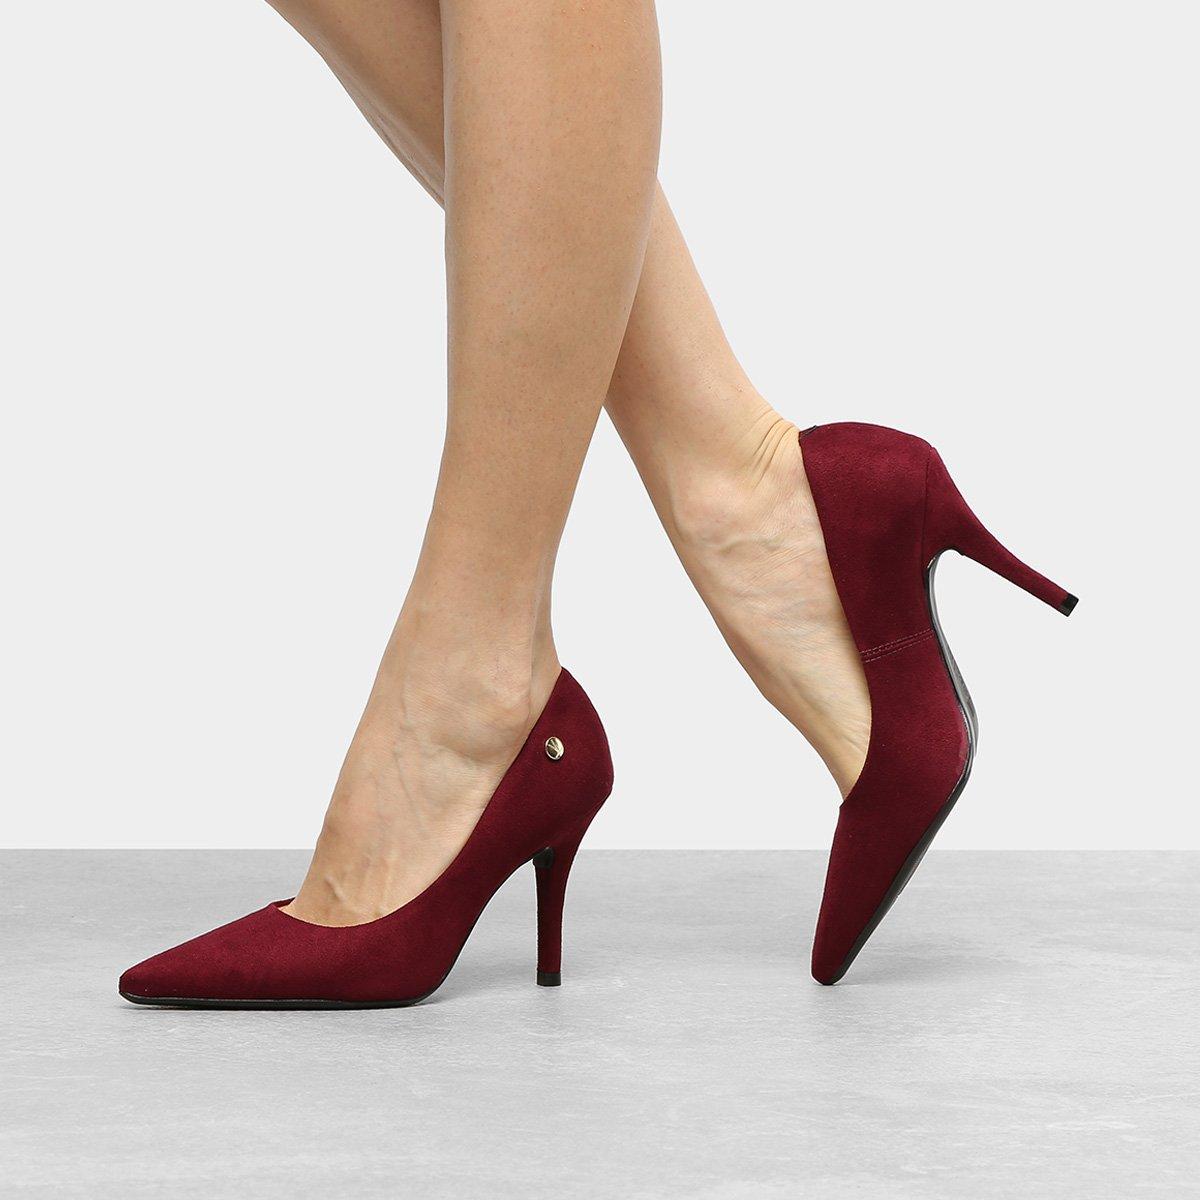 a7fe53f6f5 Sapato Scarpin Salto Alto Vizzano Nobuck Vinho - MM Concept